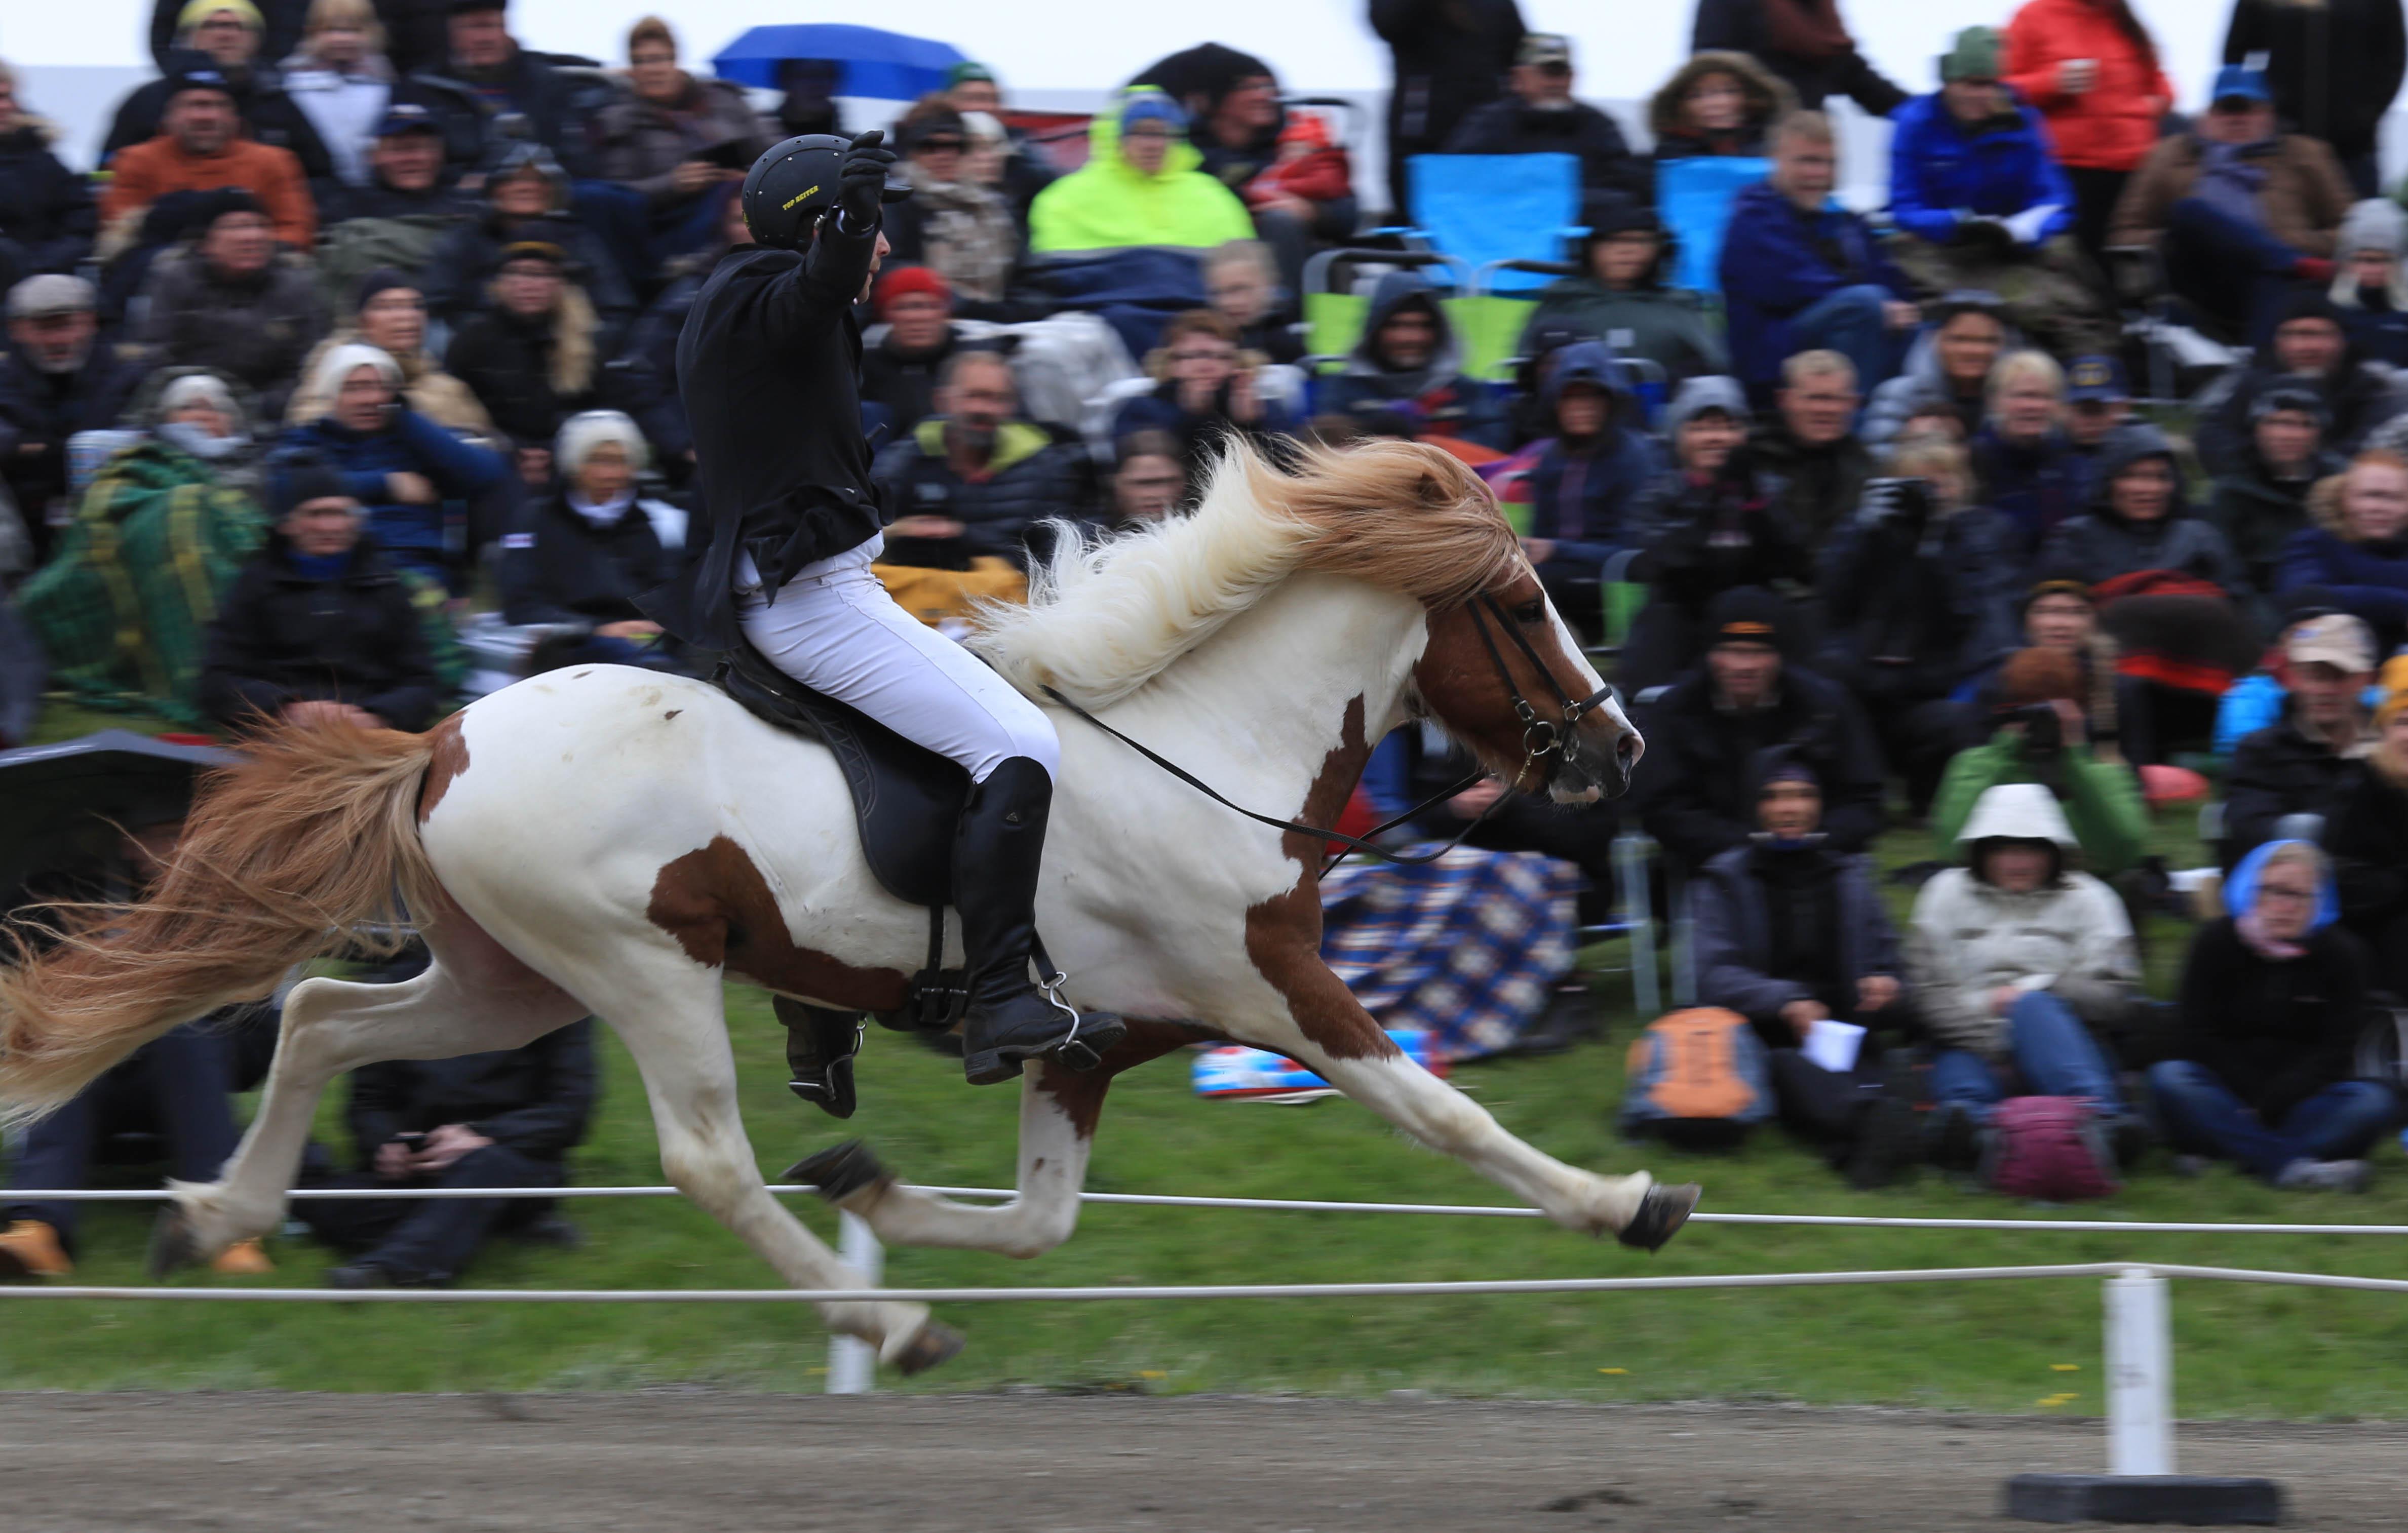 Upp med händerna! Hafsteinn frá Vakurstöðum visar att han kan gå i pass utan att Teitur Árnason håller i. Foto: Yvonne Benzian/ishestnews.se